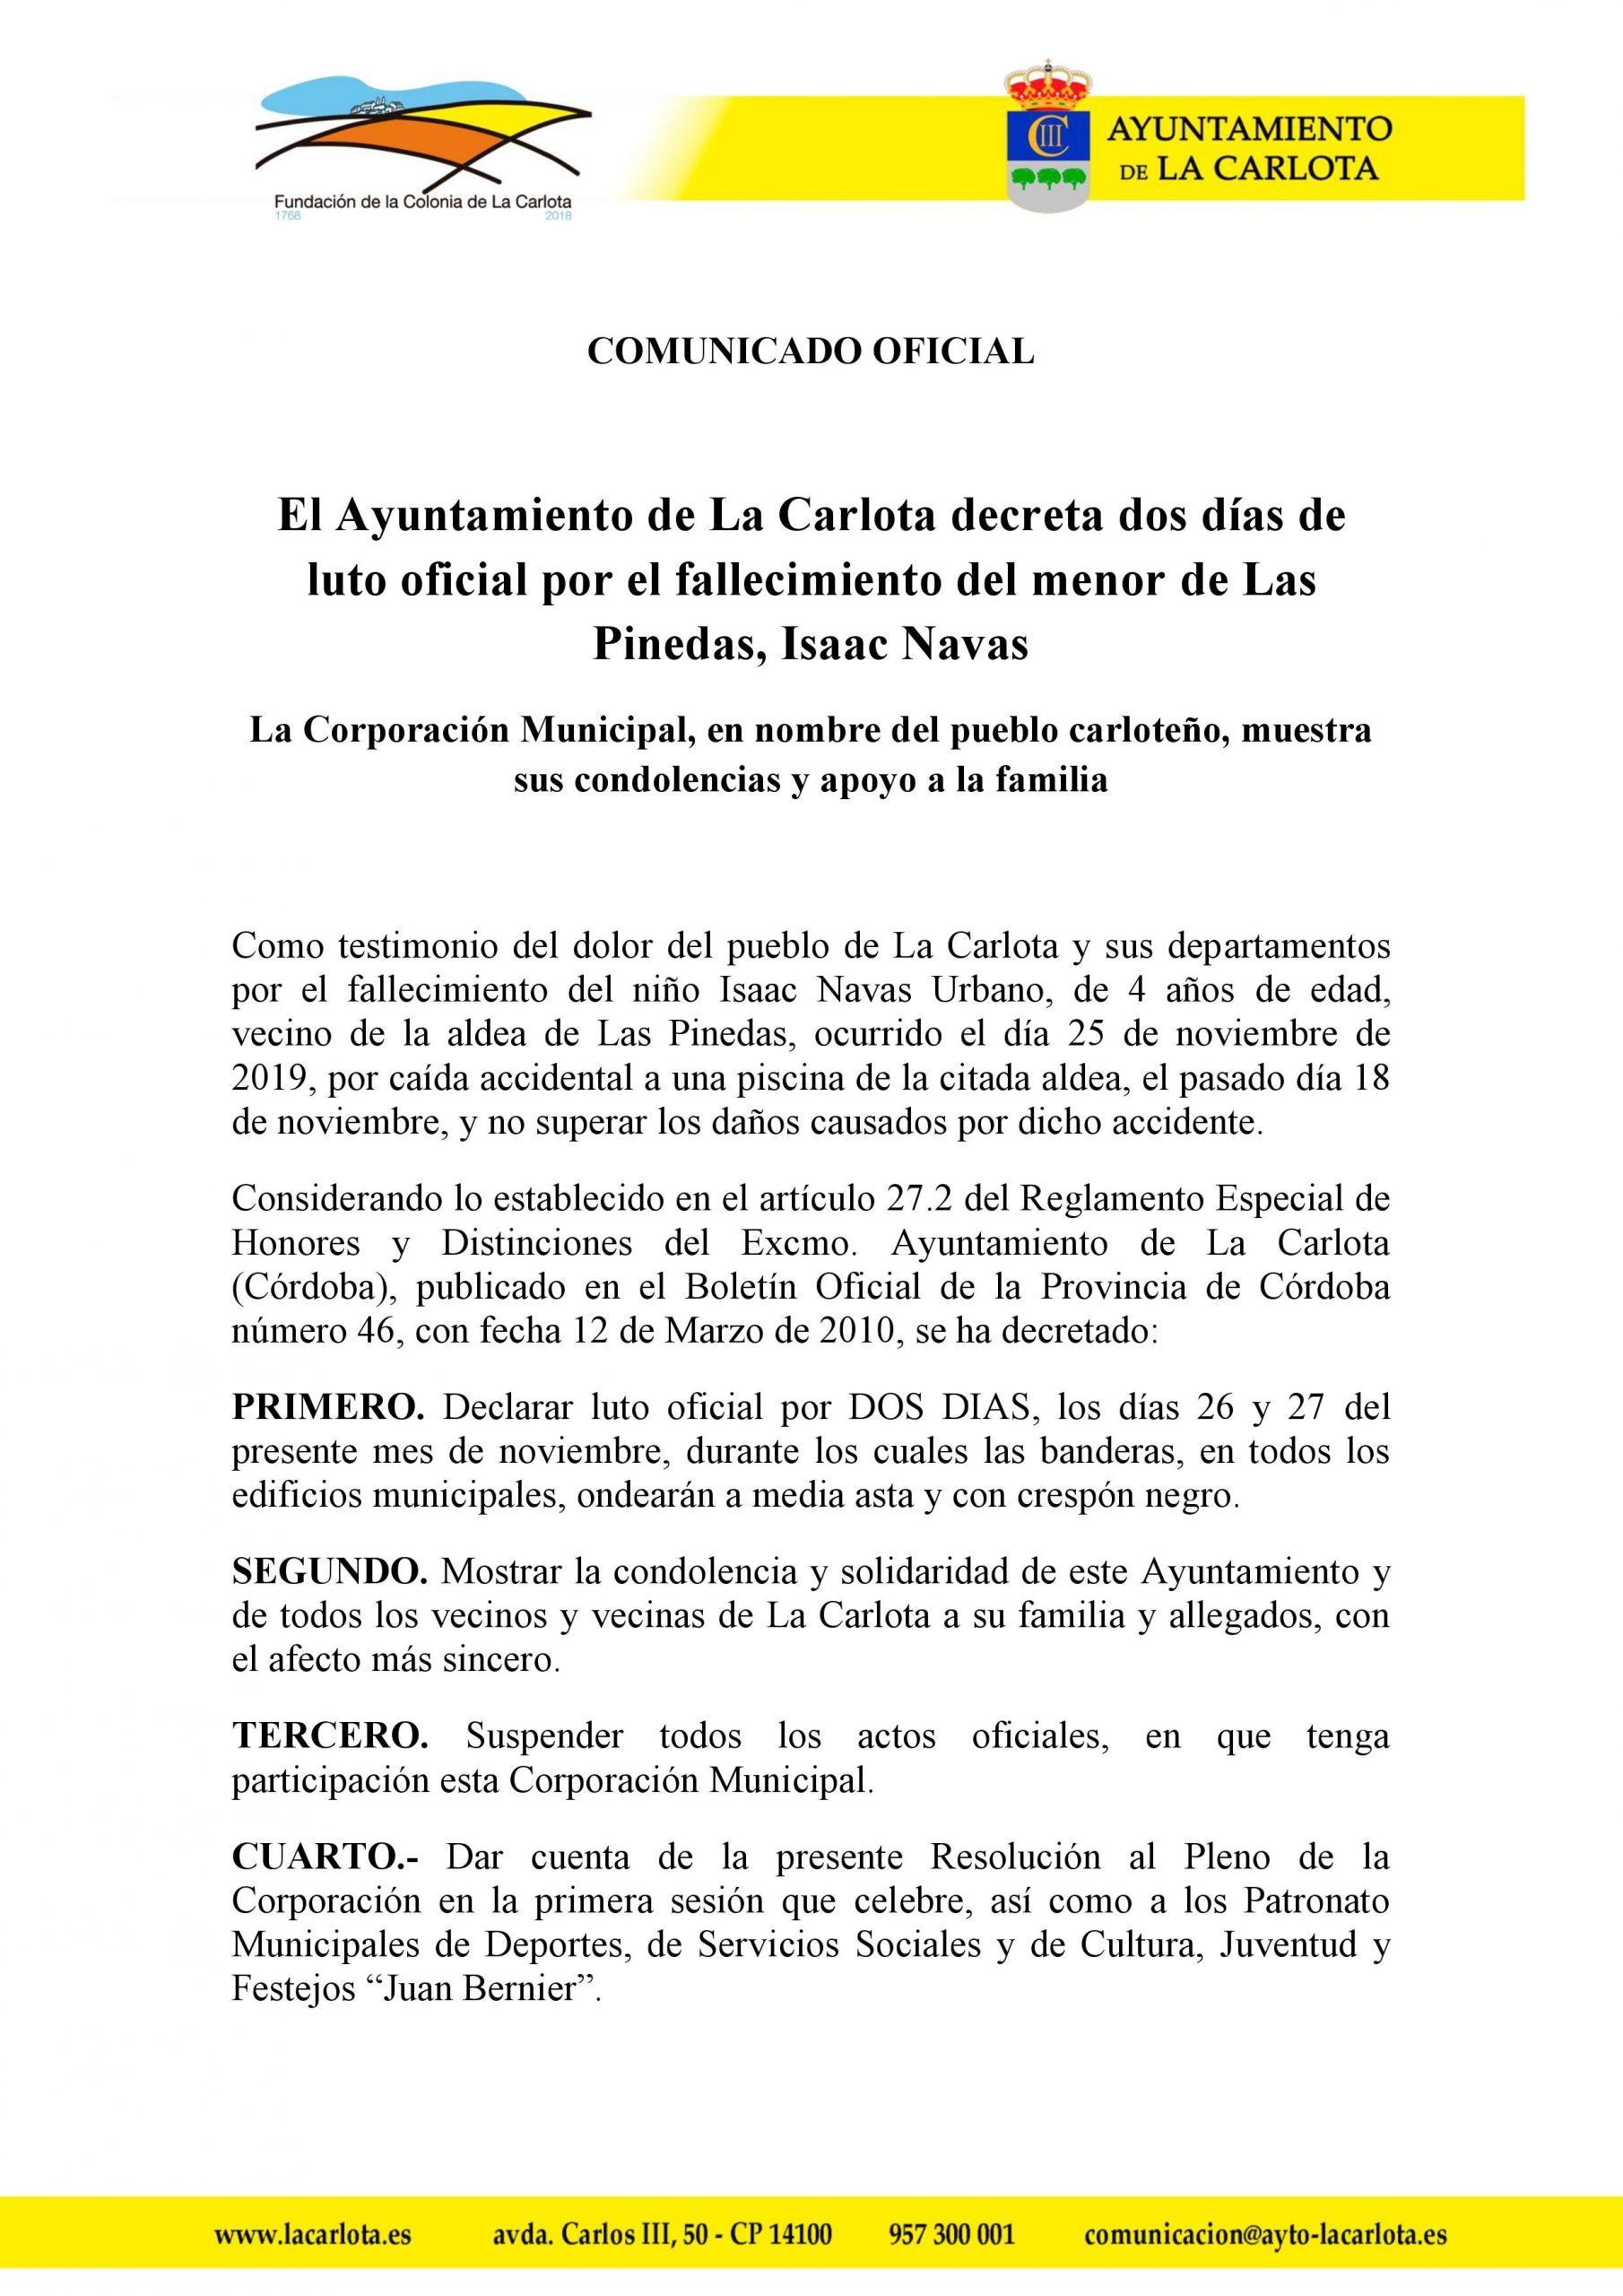 EL AYUNTAMIENTO DE LA CARLOTA DECRETA DOS DÍAS DE LUTO OFICIAL POR EL FALLECIMIENTO DEL MENOR DE LAS PINEDAS, ISAAC NAVAS 1